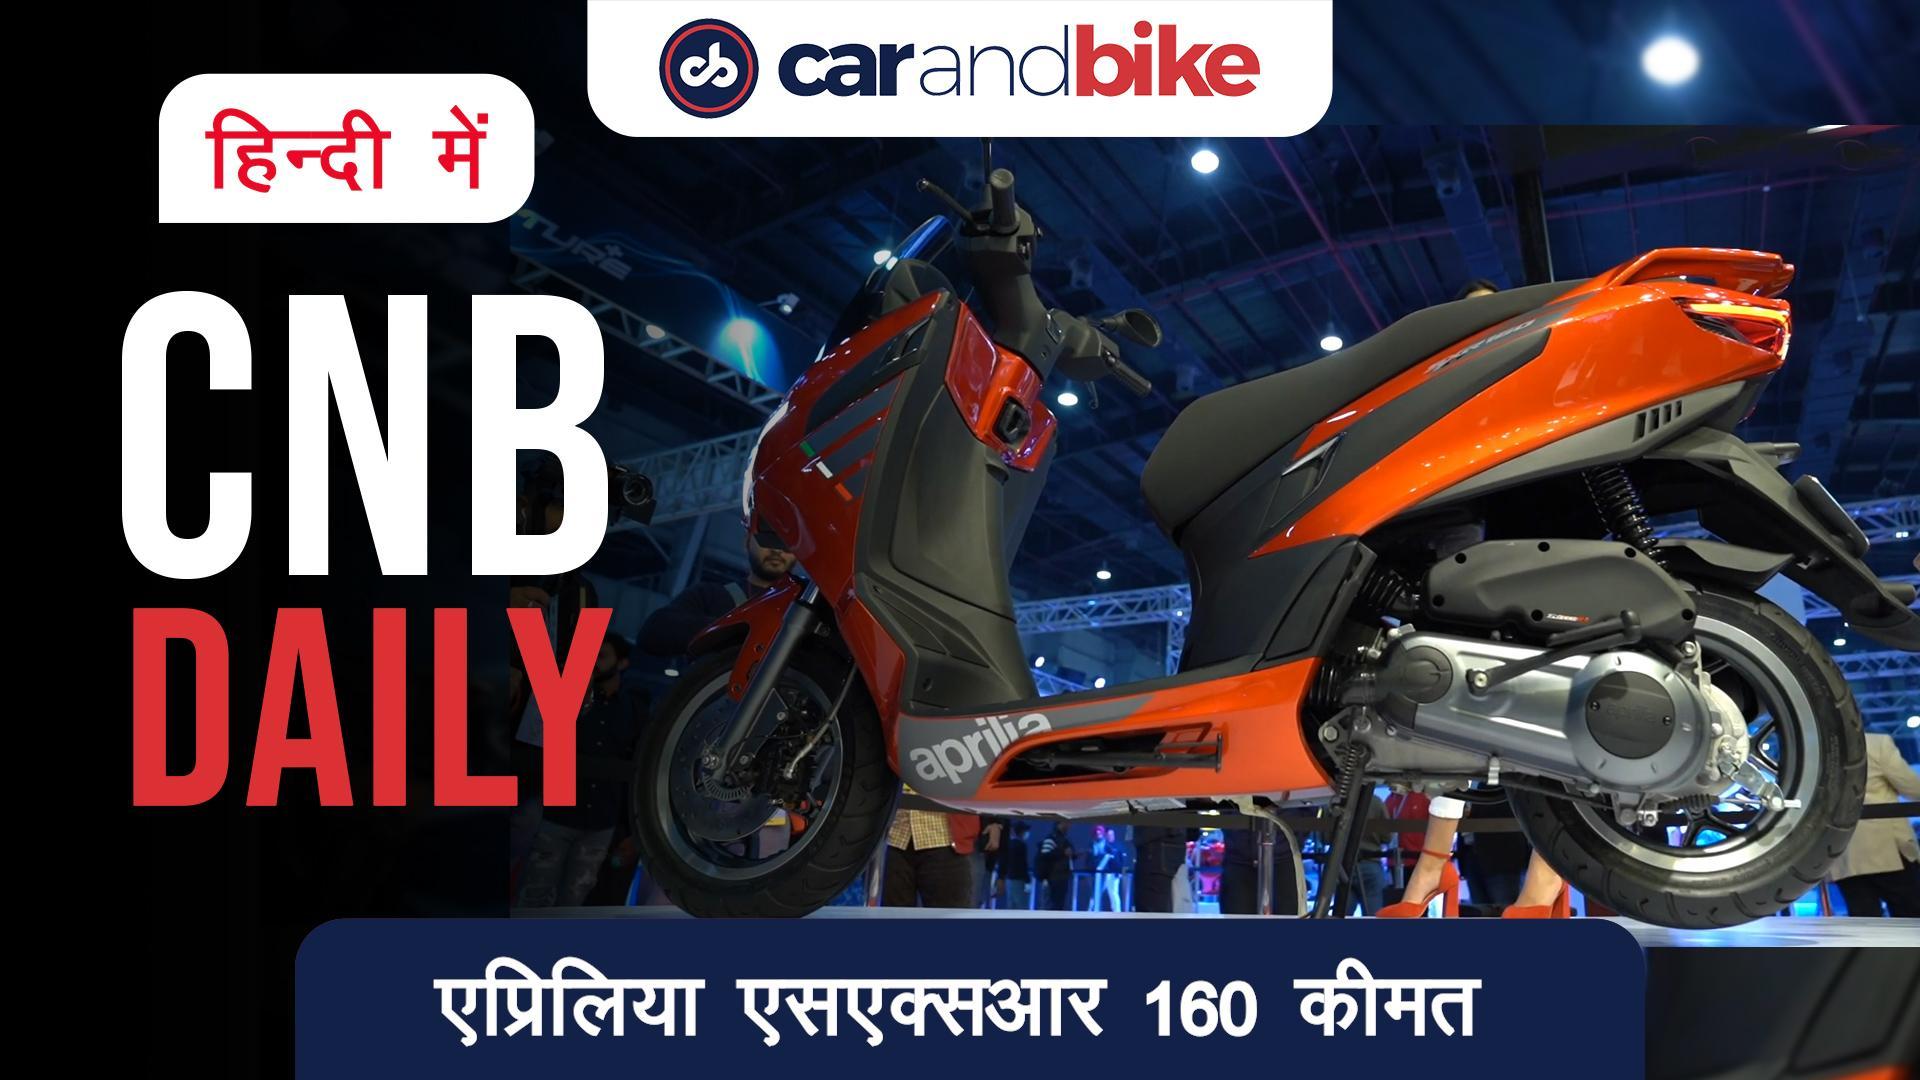 एप्रिलिया SXR 160 भारत में लॉन्च; कीमतः रु 1.26 लाख